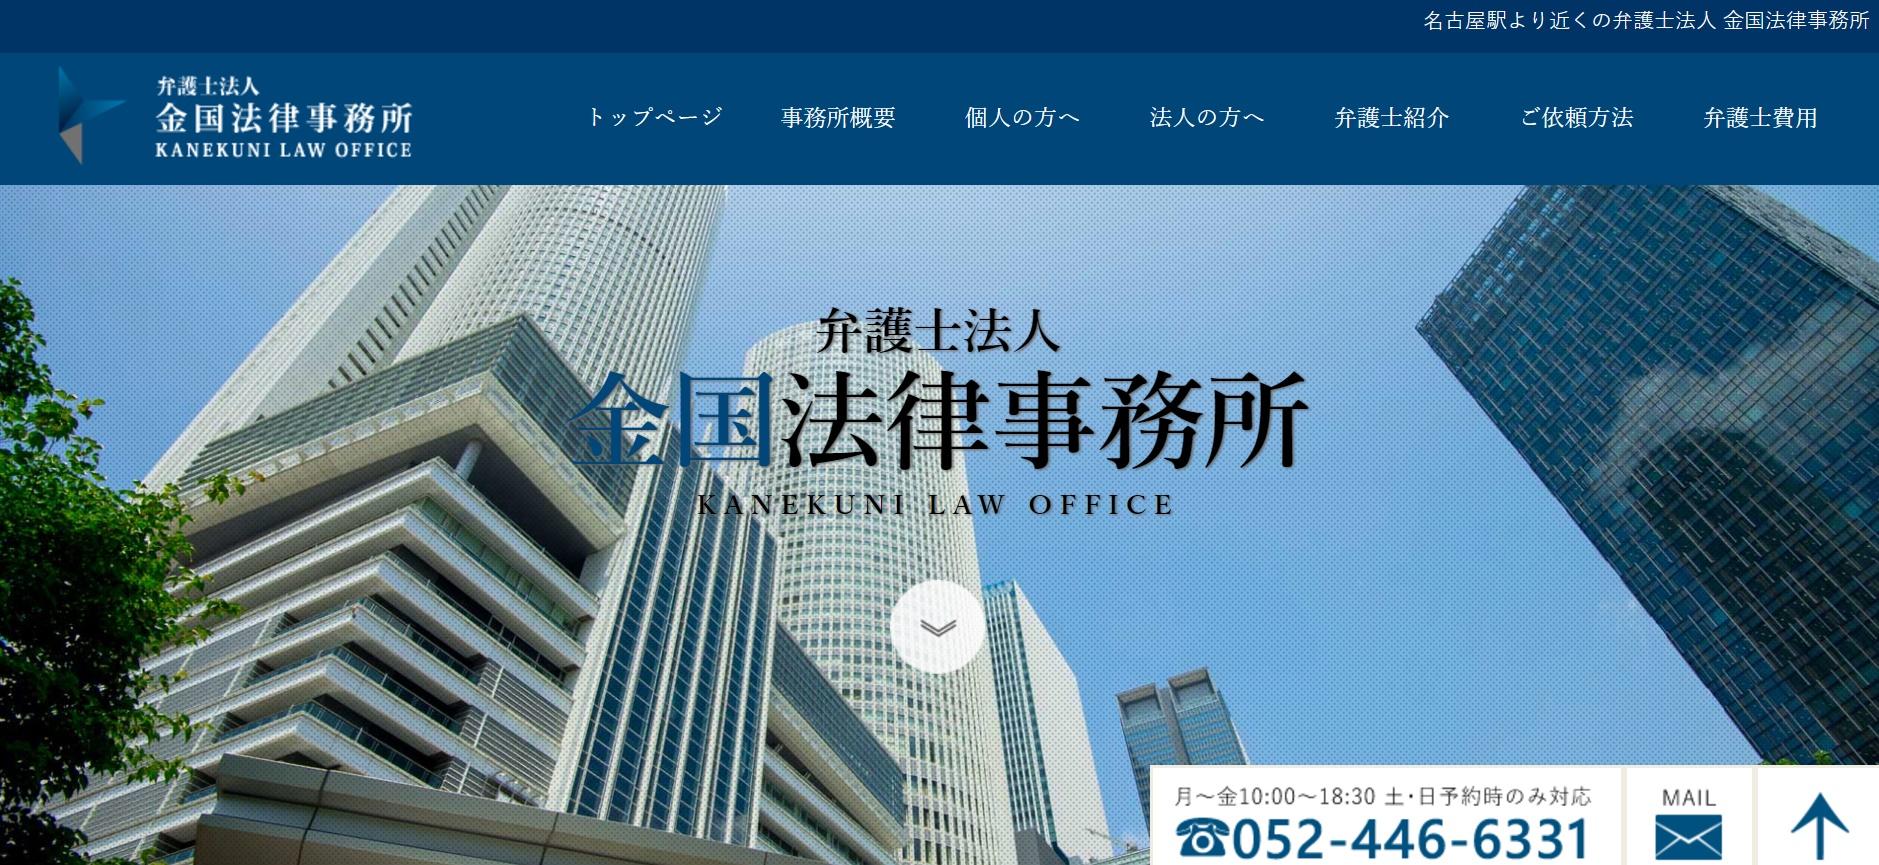 弁護士法人 金国法律事務所